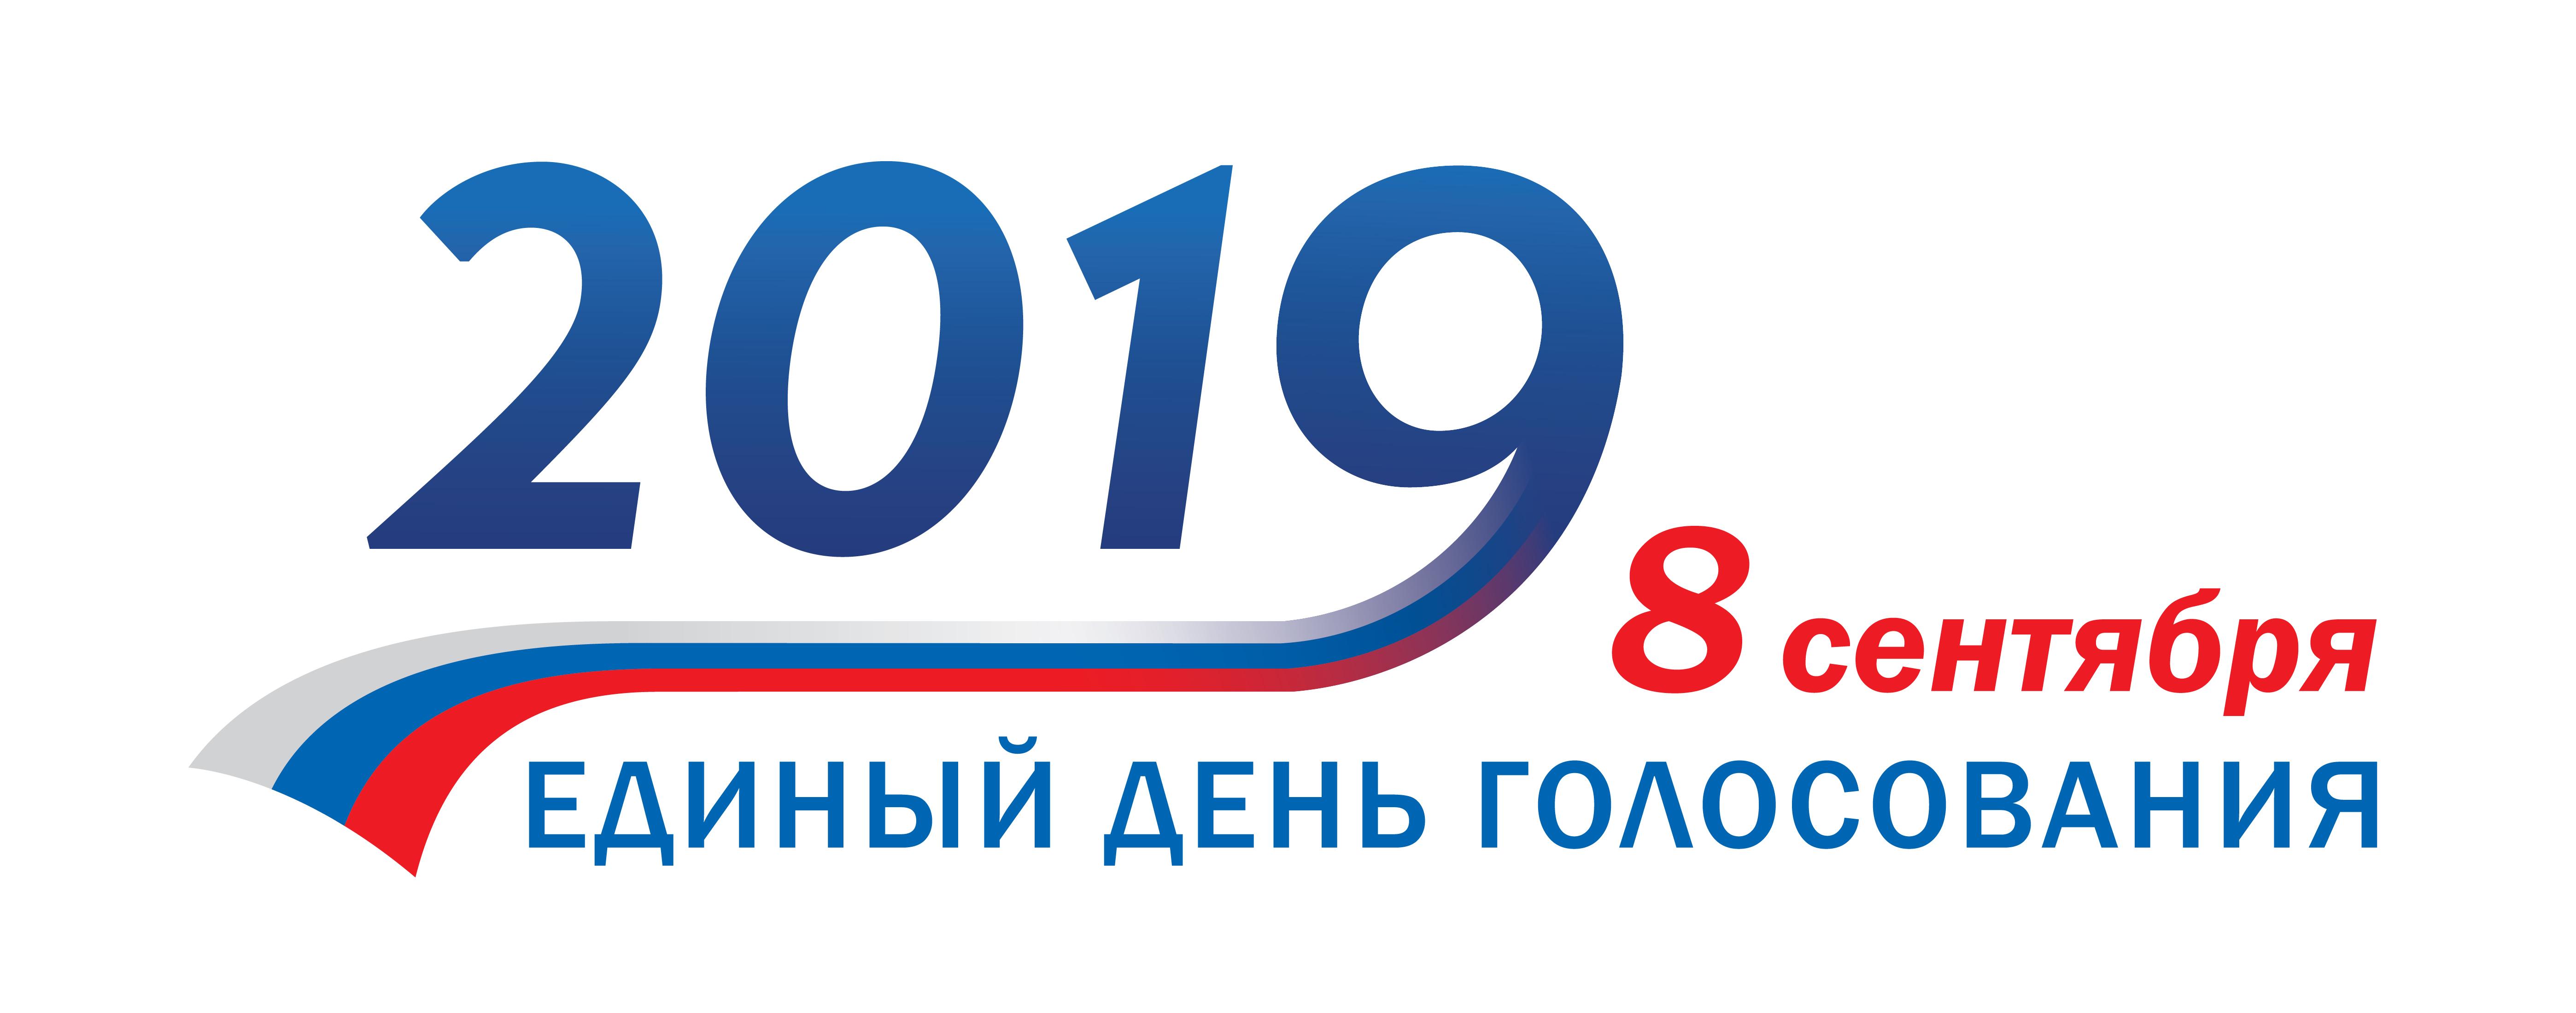 Единый день голосования 8 сентября 2019